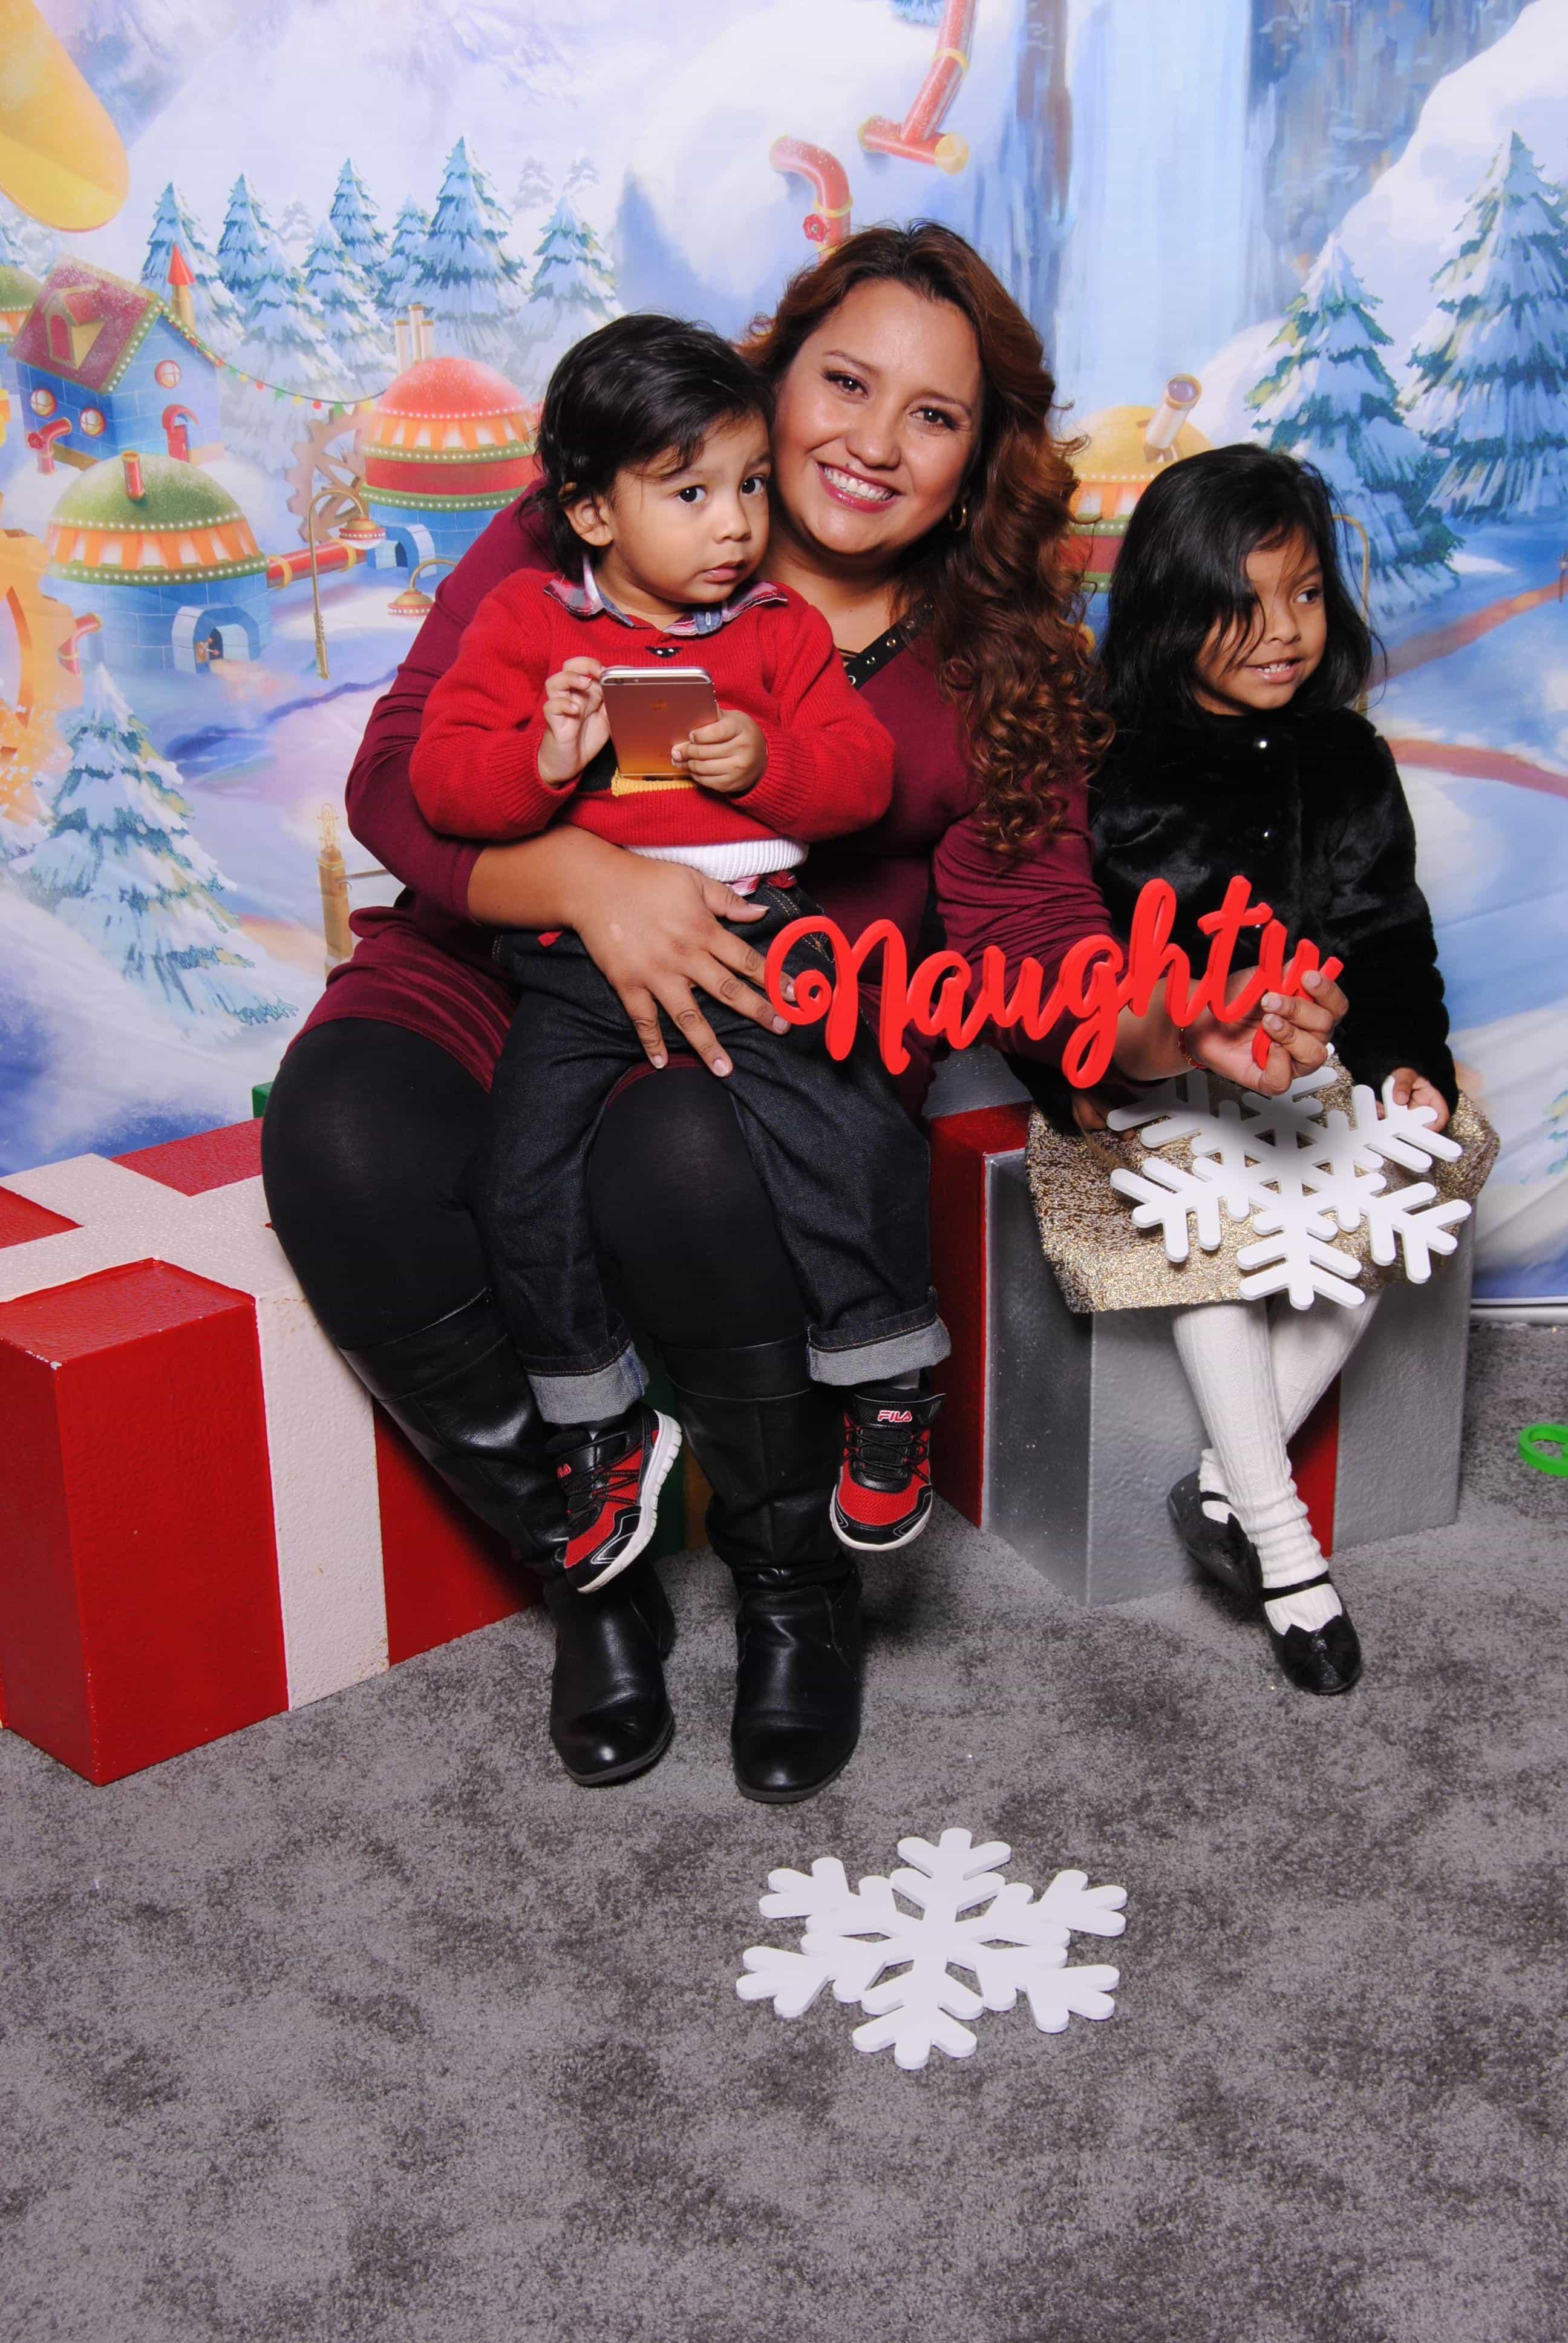 Cómo-lograr-una-buena-foto-con-Santa-Claus